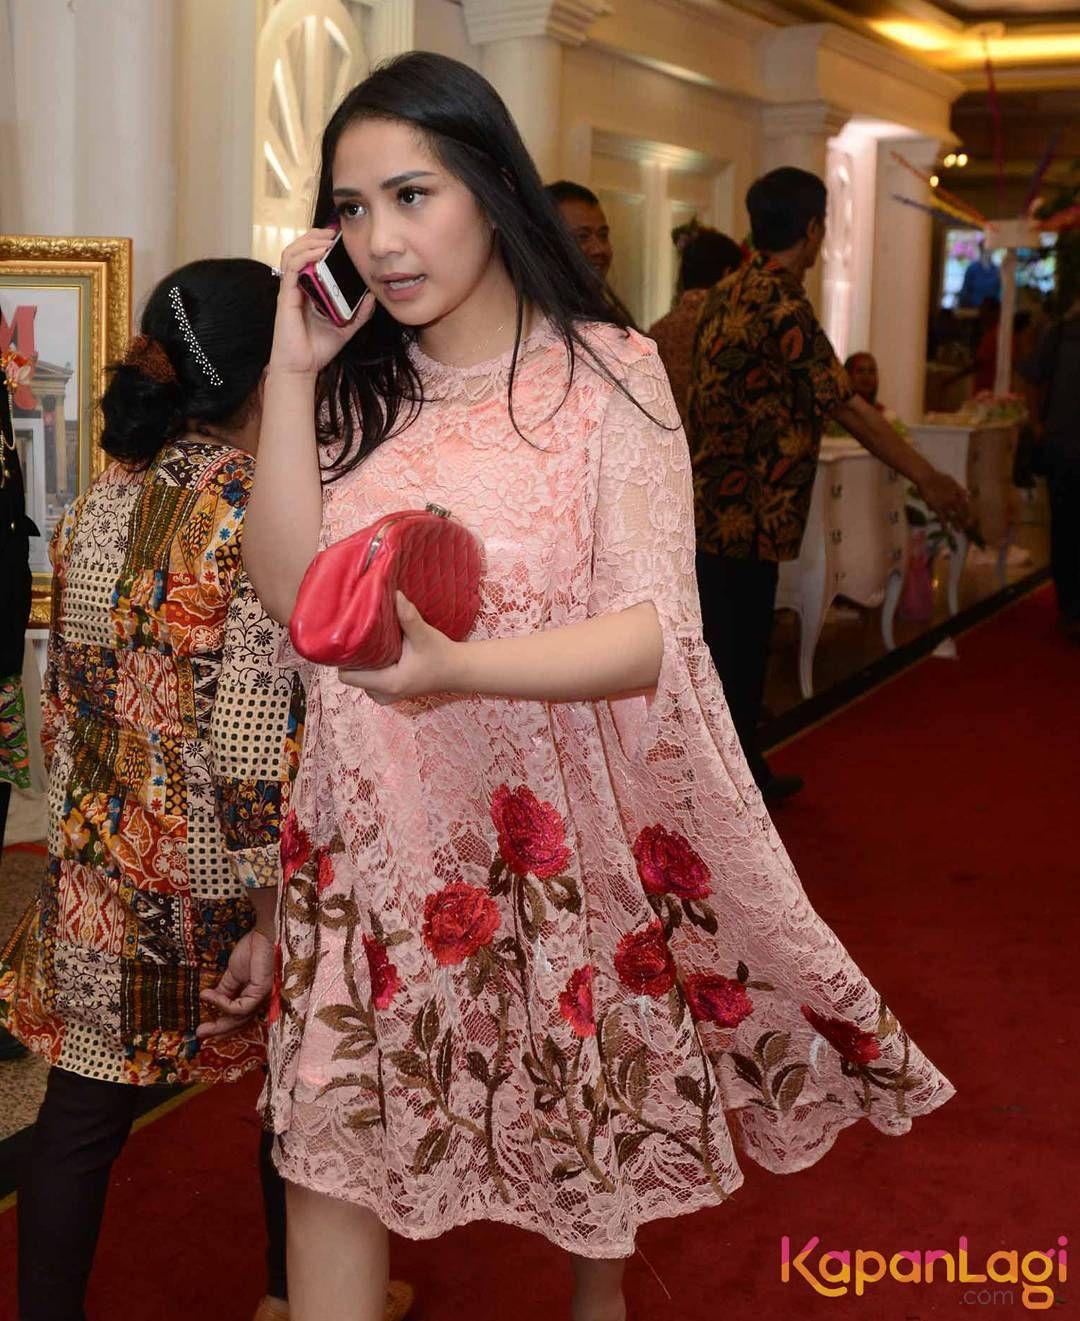 Nagita slavina tampil anggun dengan dress warna merah muda bermotif nagita slavina tampil anggun dengan dress warna merah muda bermotif bunga bunga reheart Images